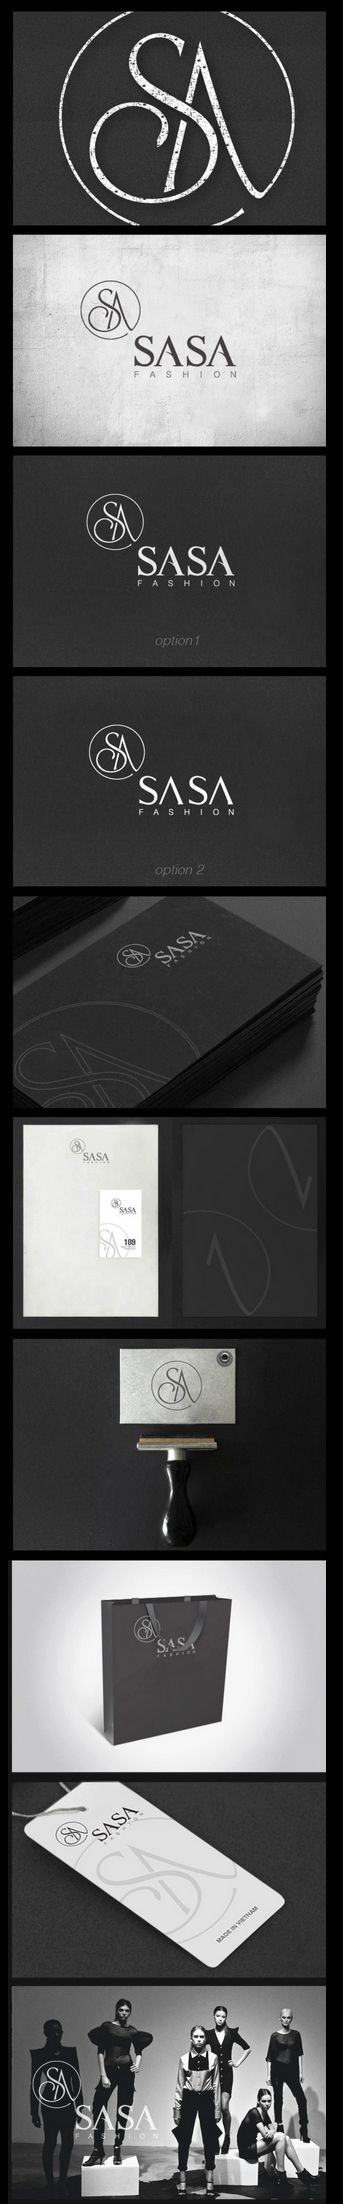 Brand SASA